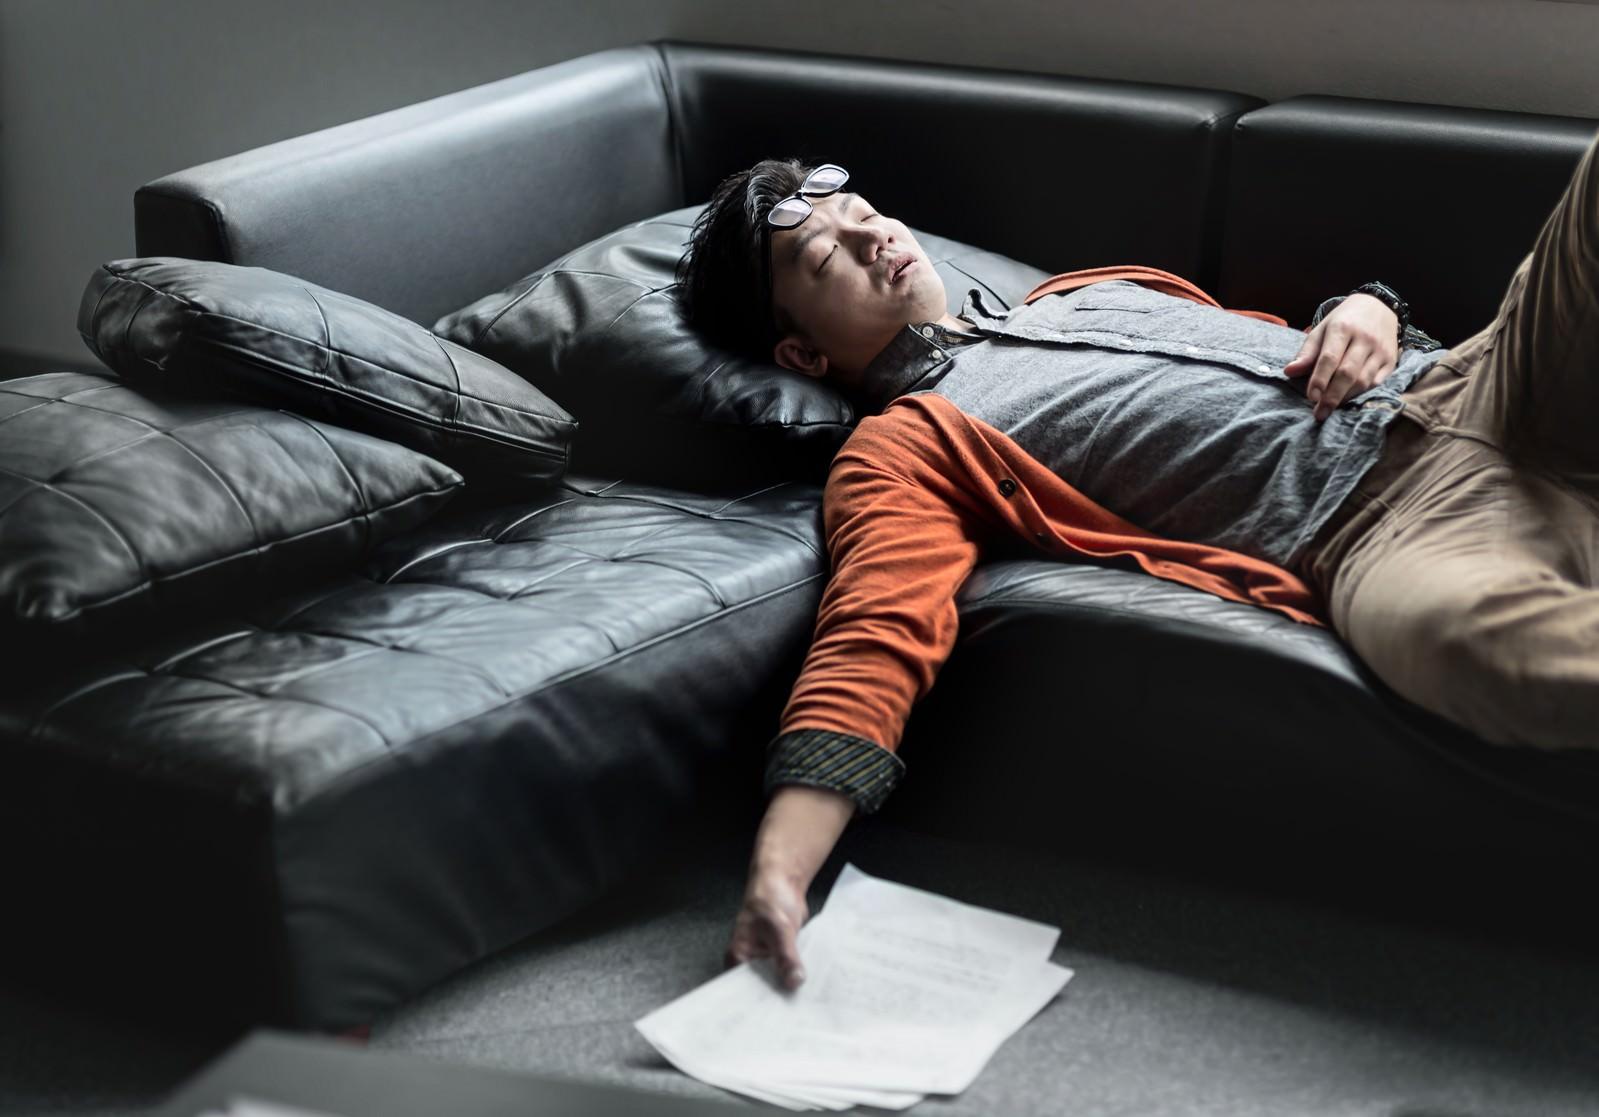 「原稿を持ってソファーで寝落ちする担当の男性原稿を持ってソファーで寝落ちする担当の男性」[モデル:OZPA]のフリー写真素材を拡大